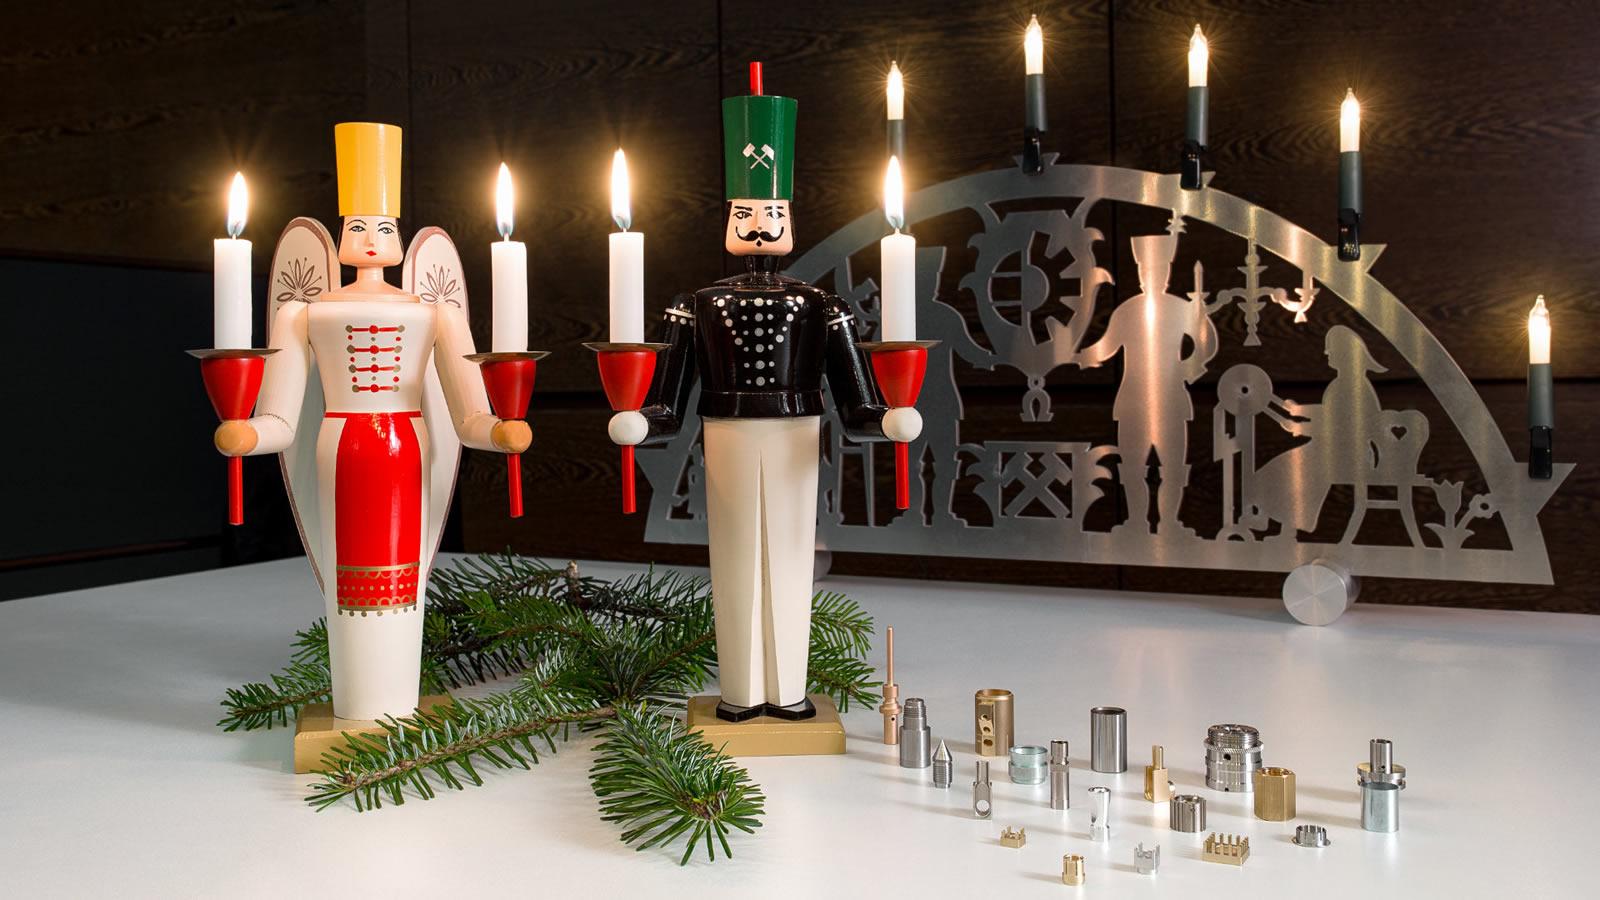 Weihnachtliche Dekoration mit Schwippbogen und geschnitzten Kerzenleuchtern. Daneben verschiedene Drehteile.